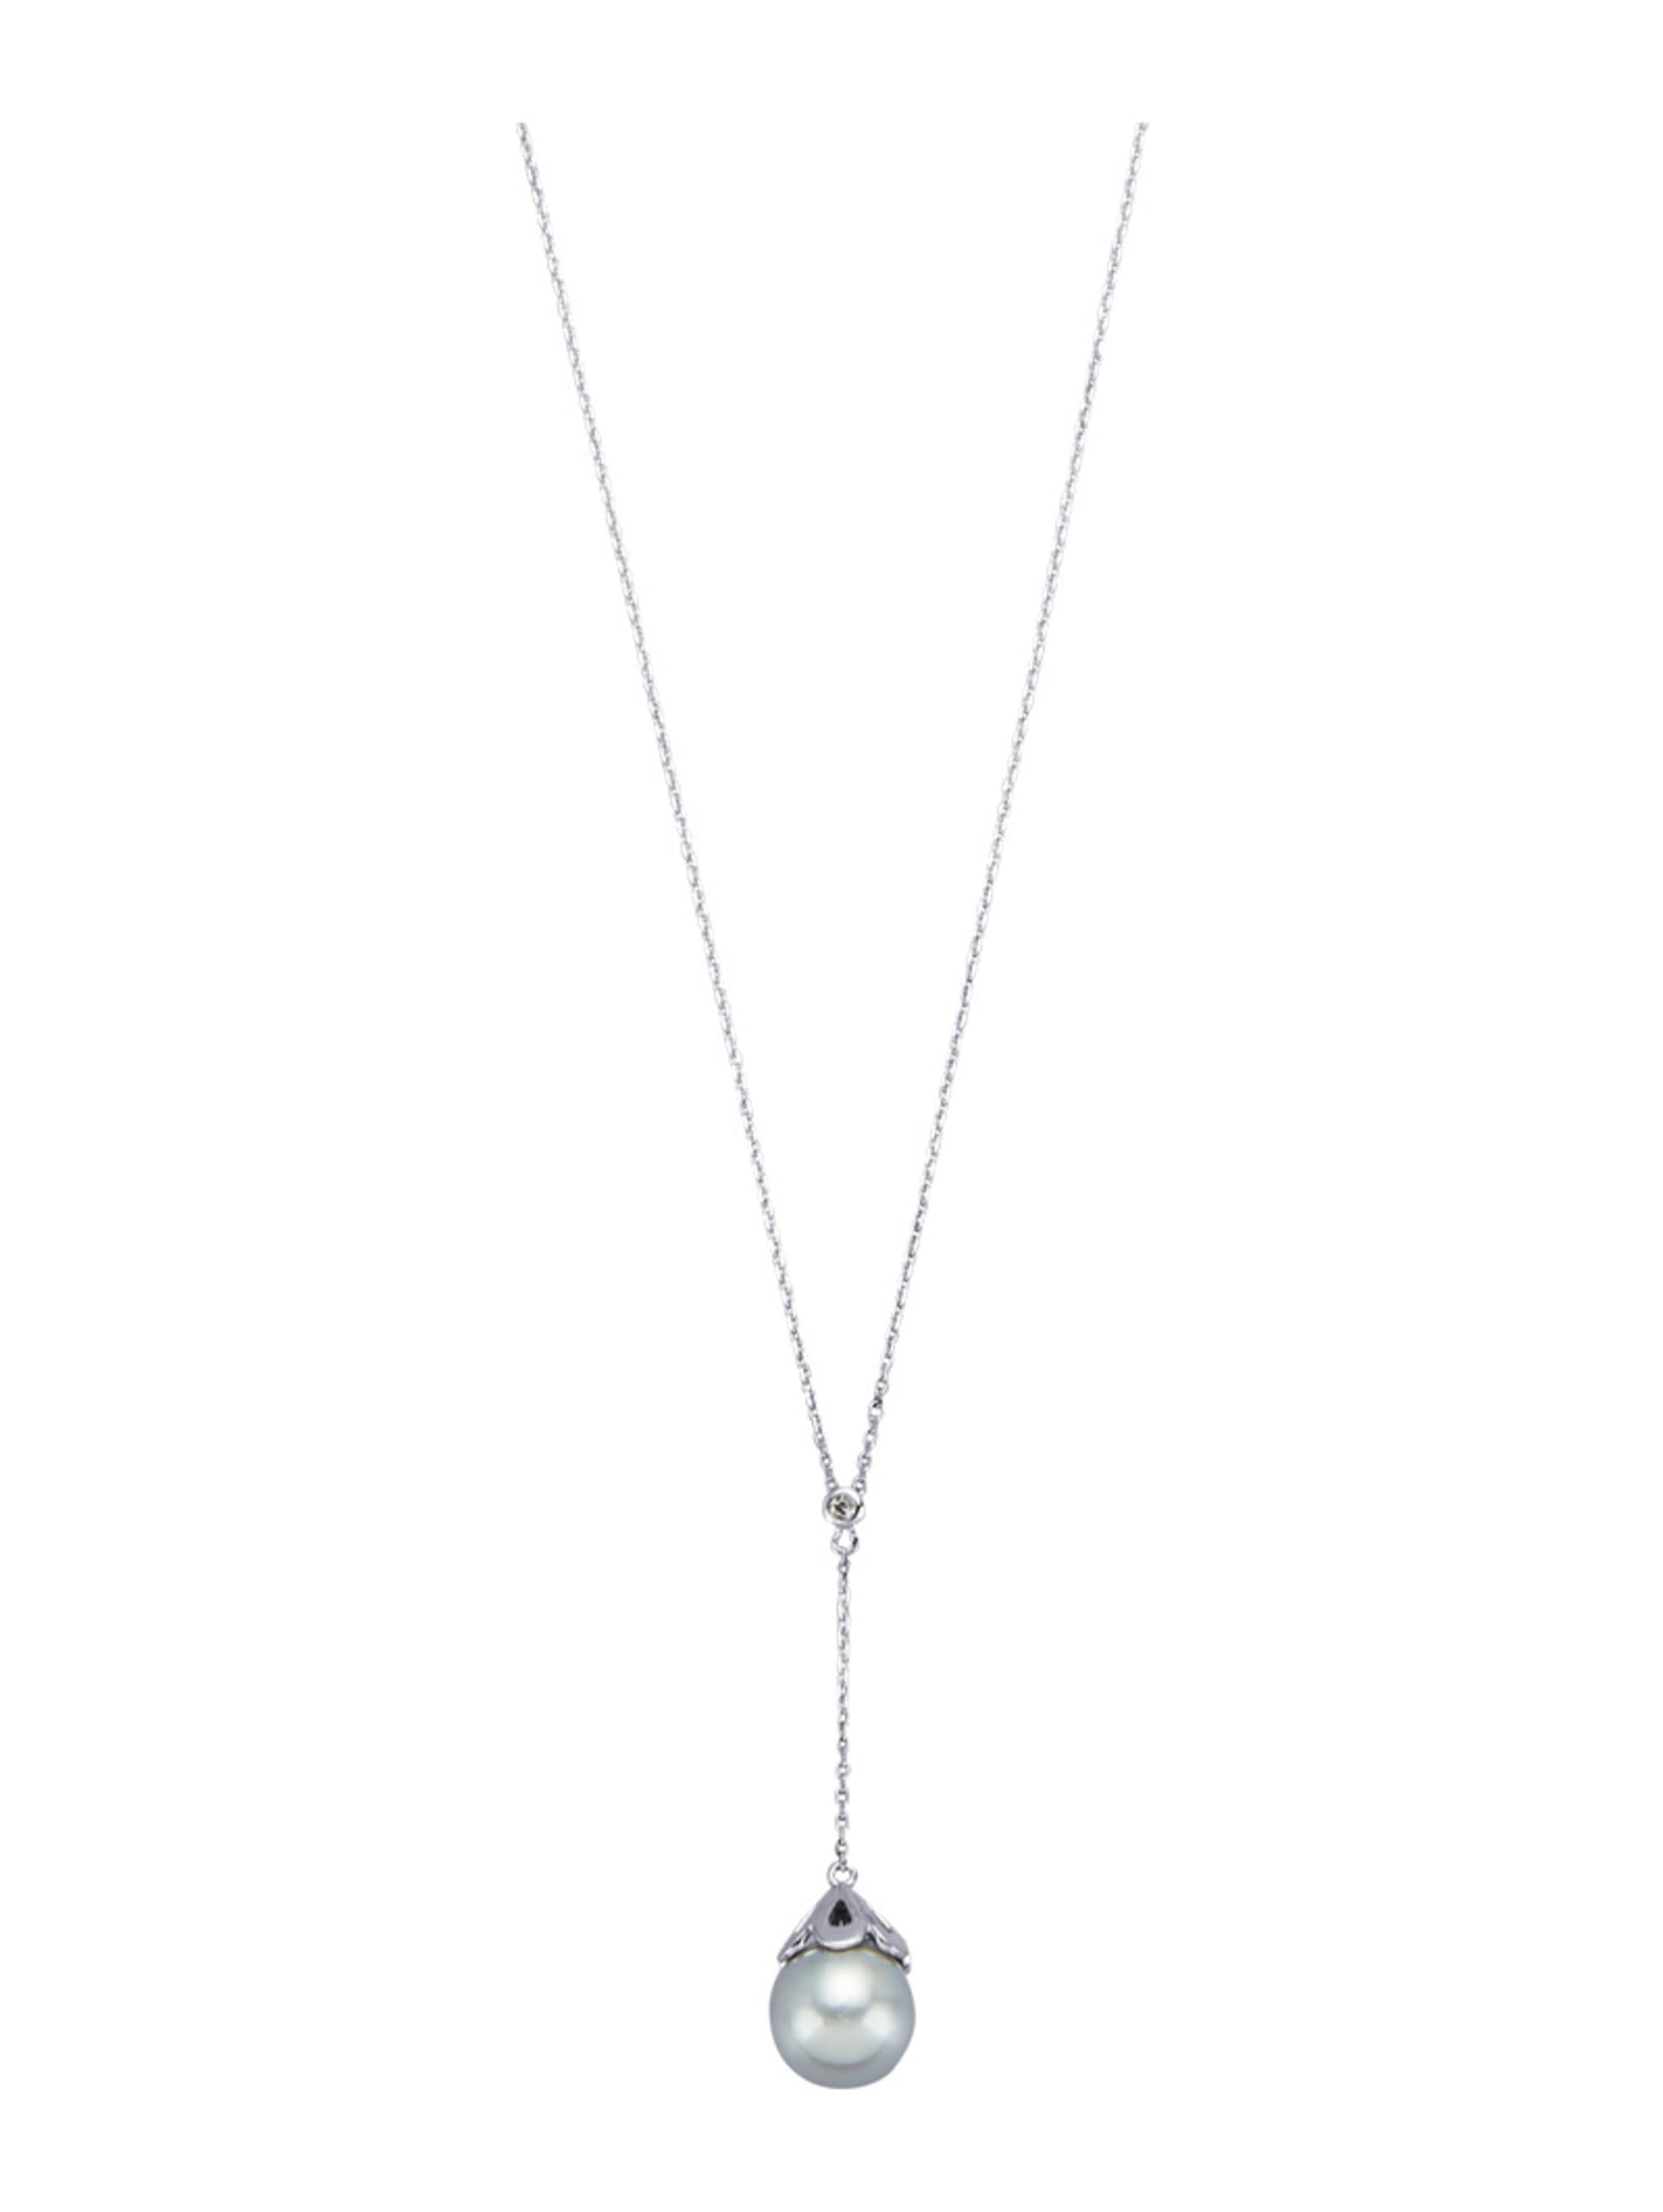 Diemer Perle Collier mit Südsee-Zuchtperle txaNk